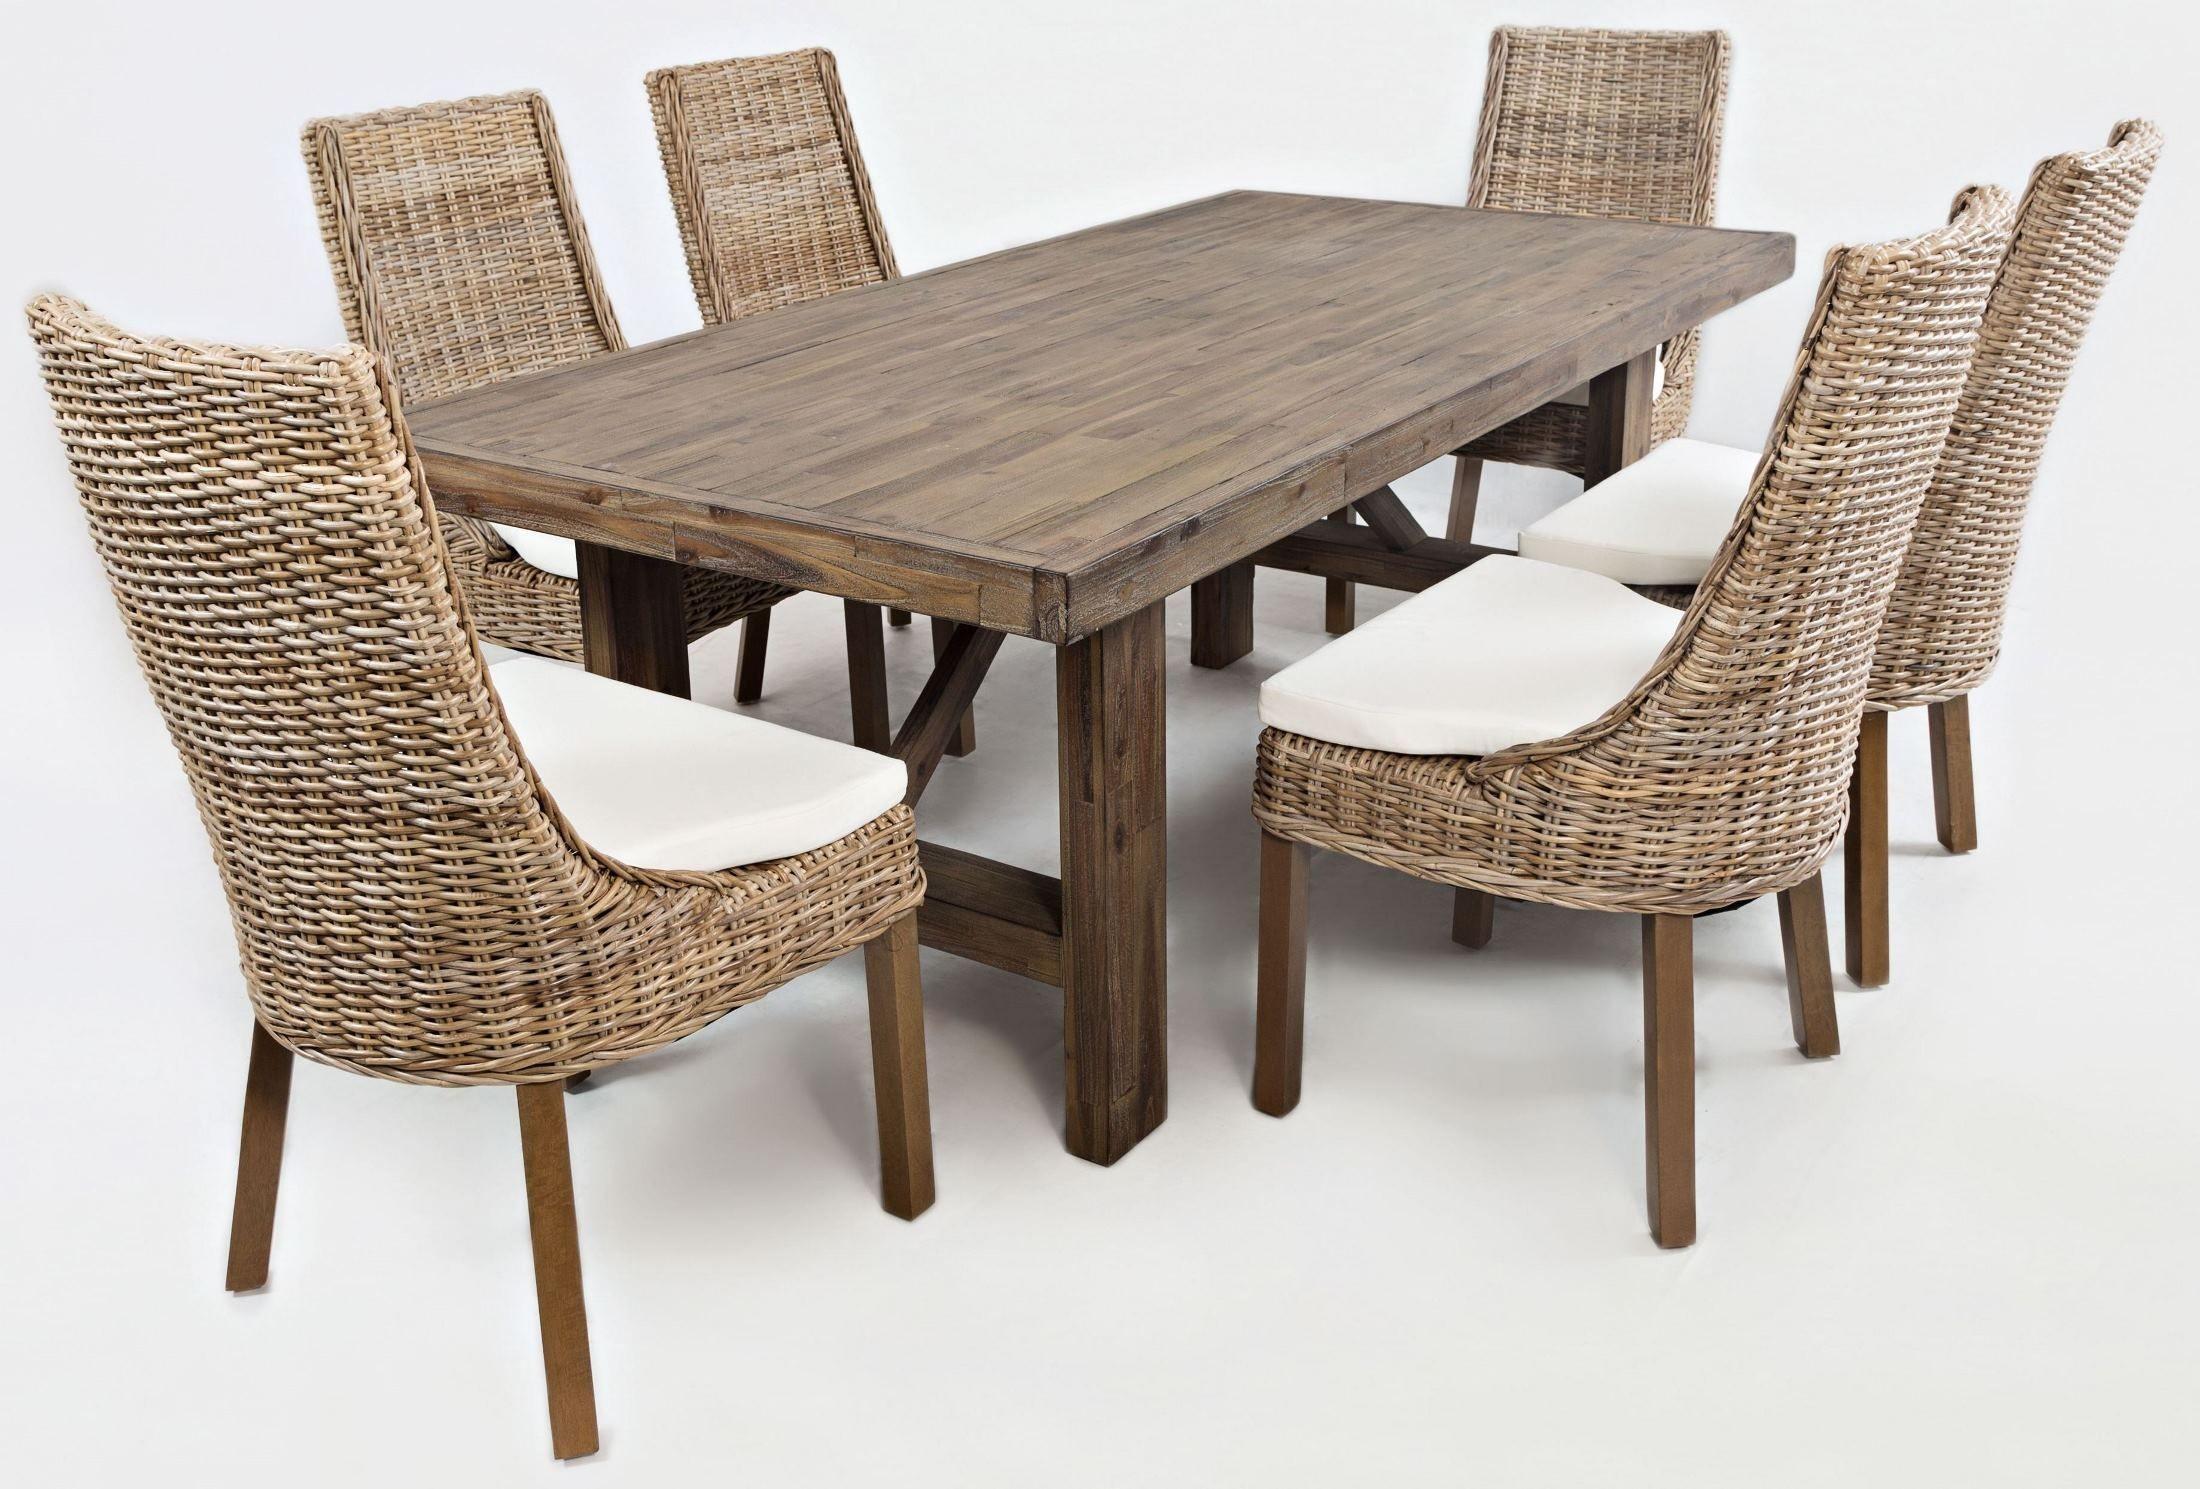 hampton road trestle dining room set from jofran coleman furniture. Black Bedroom Furniture Sets. Home Design Ideas